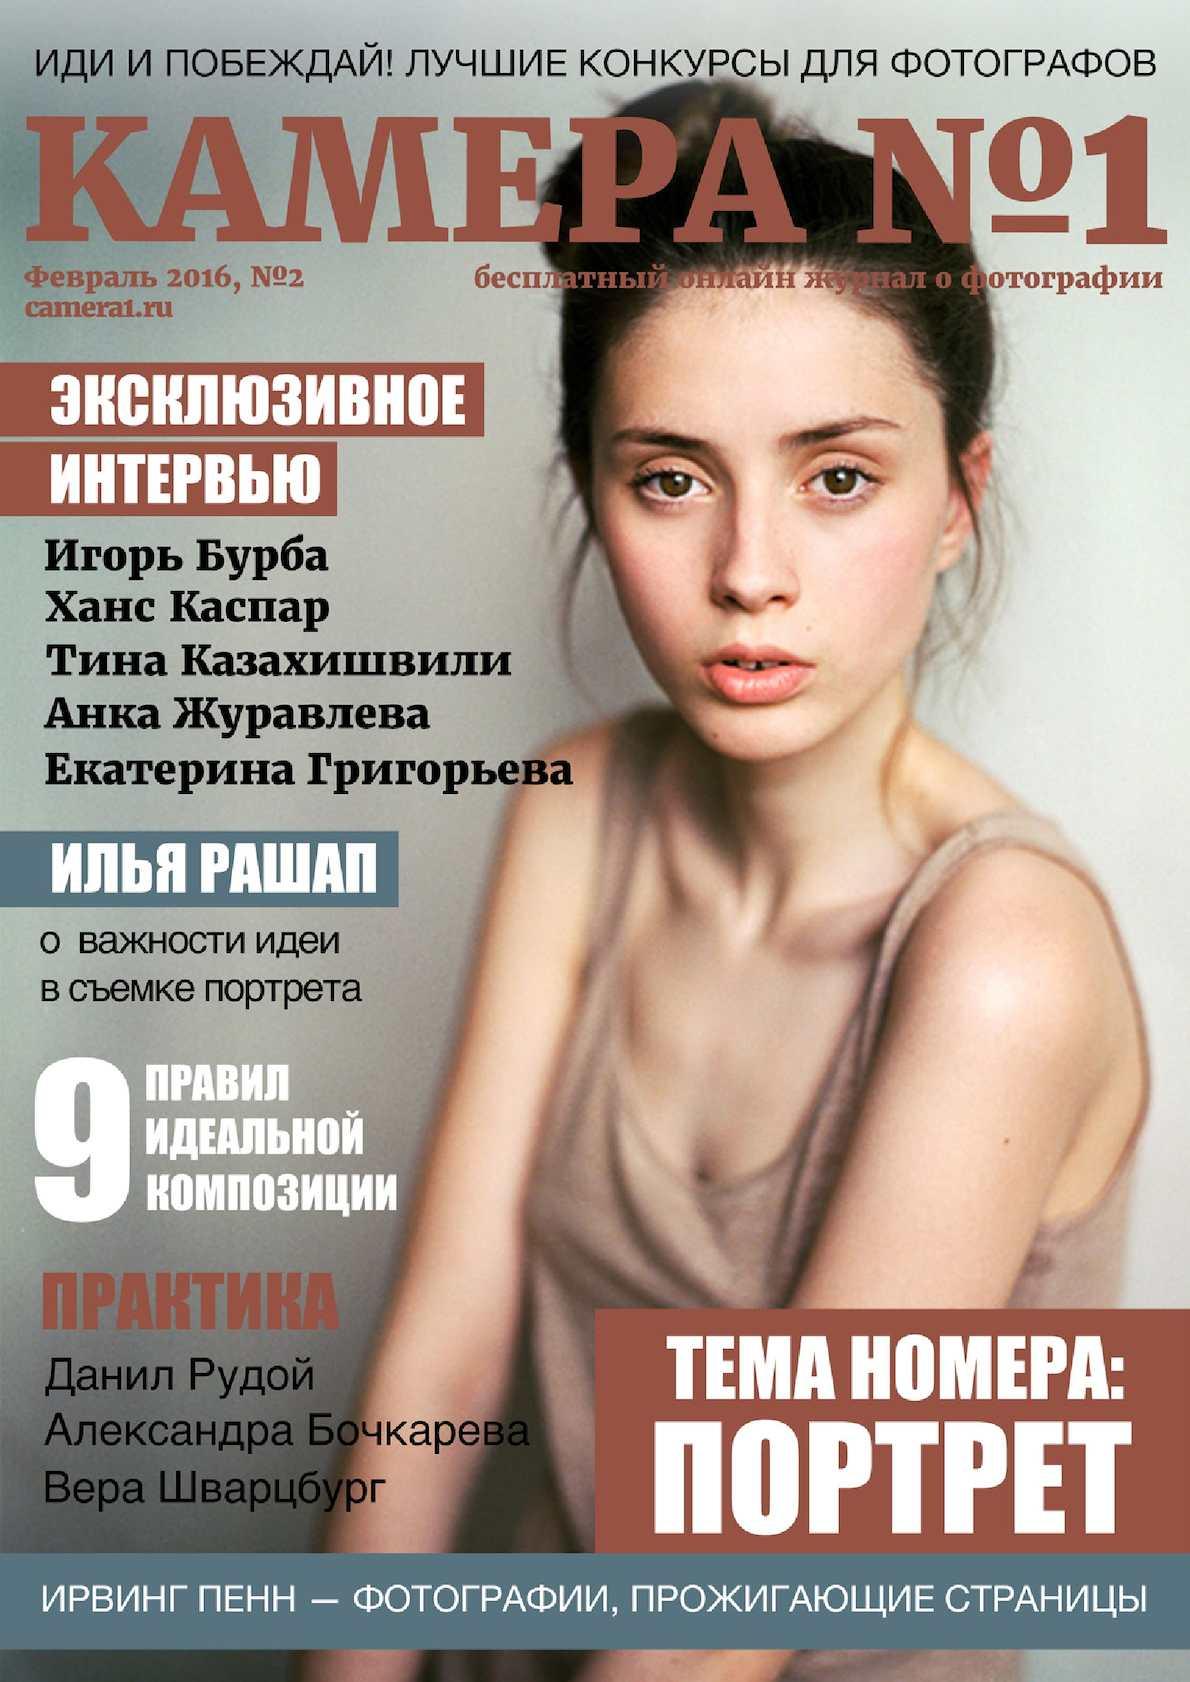 sluchaynoe-ogolenie-zhenshin-v-neobichnih-mestah-video-onlayn-lezha